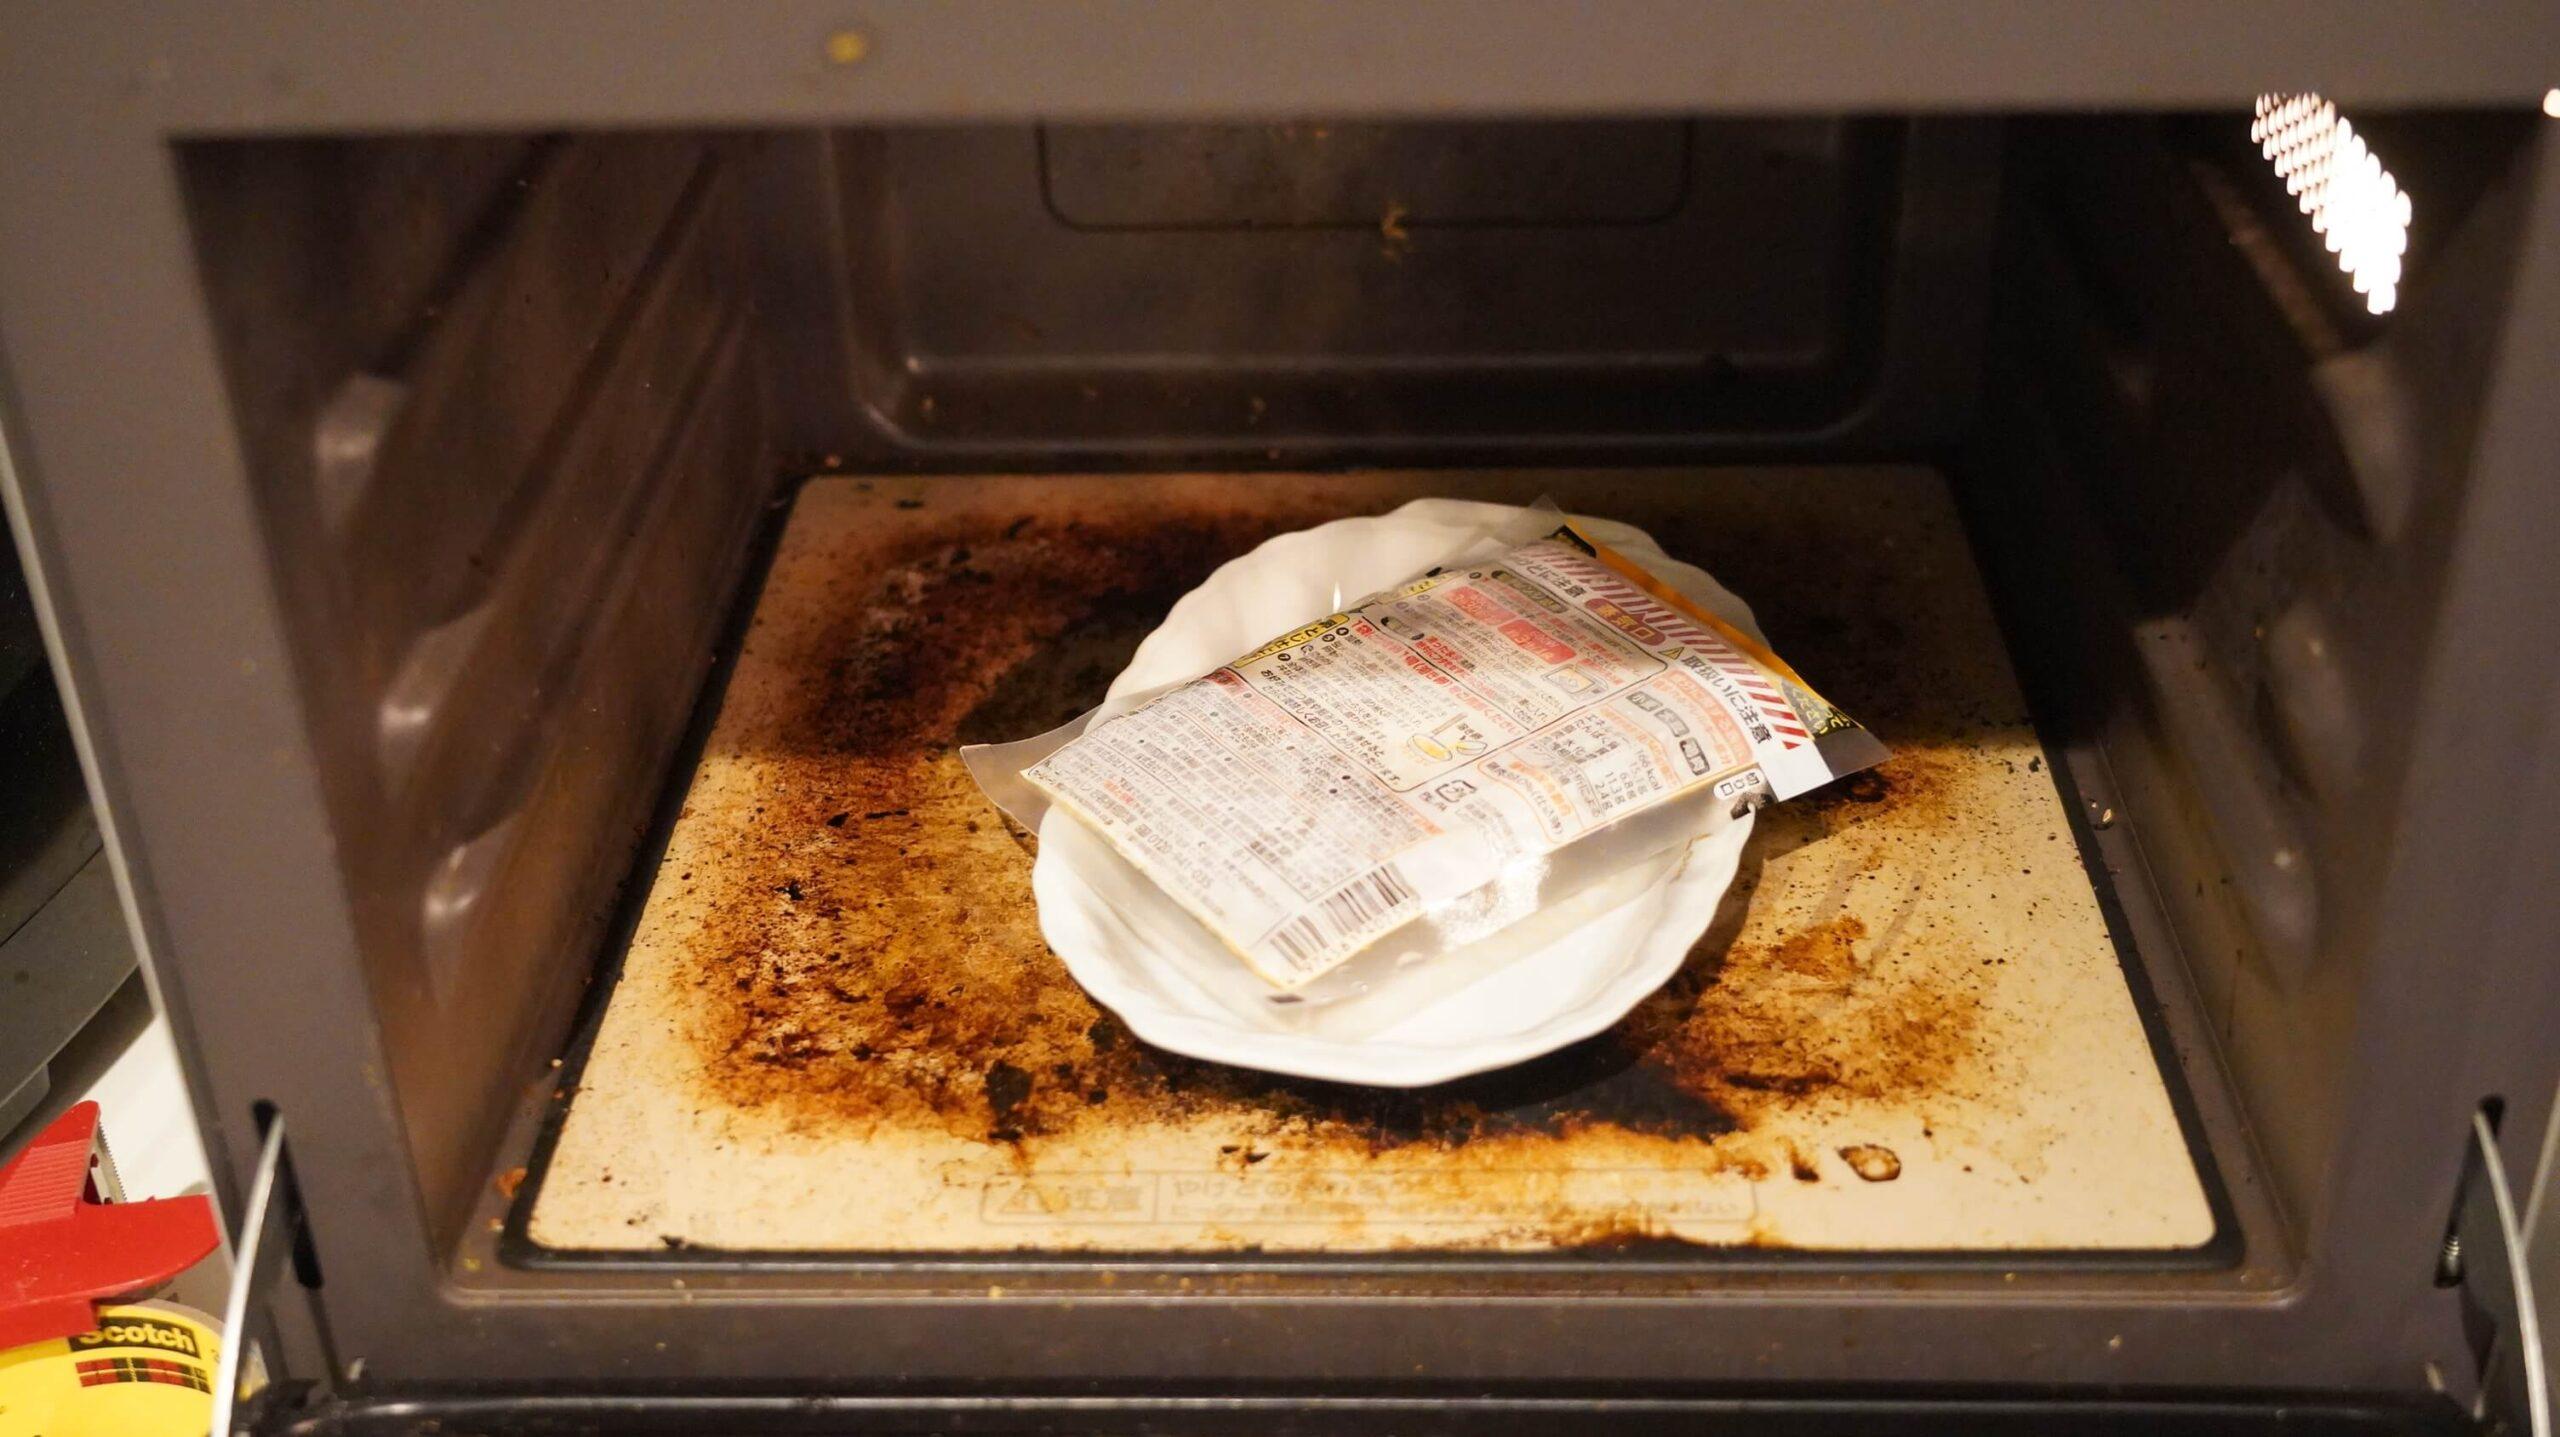 通販でネット注文した「なか卯」の冷凍食品「親子丼の具」を電子レンジで加熱している写真